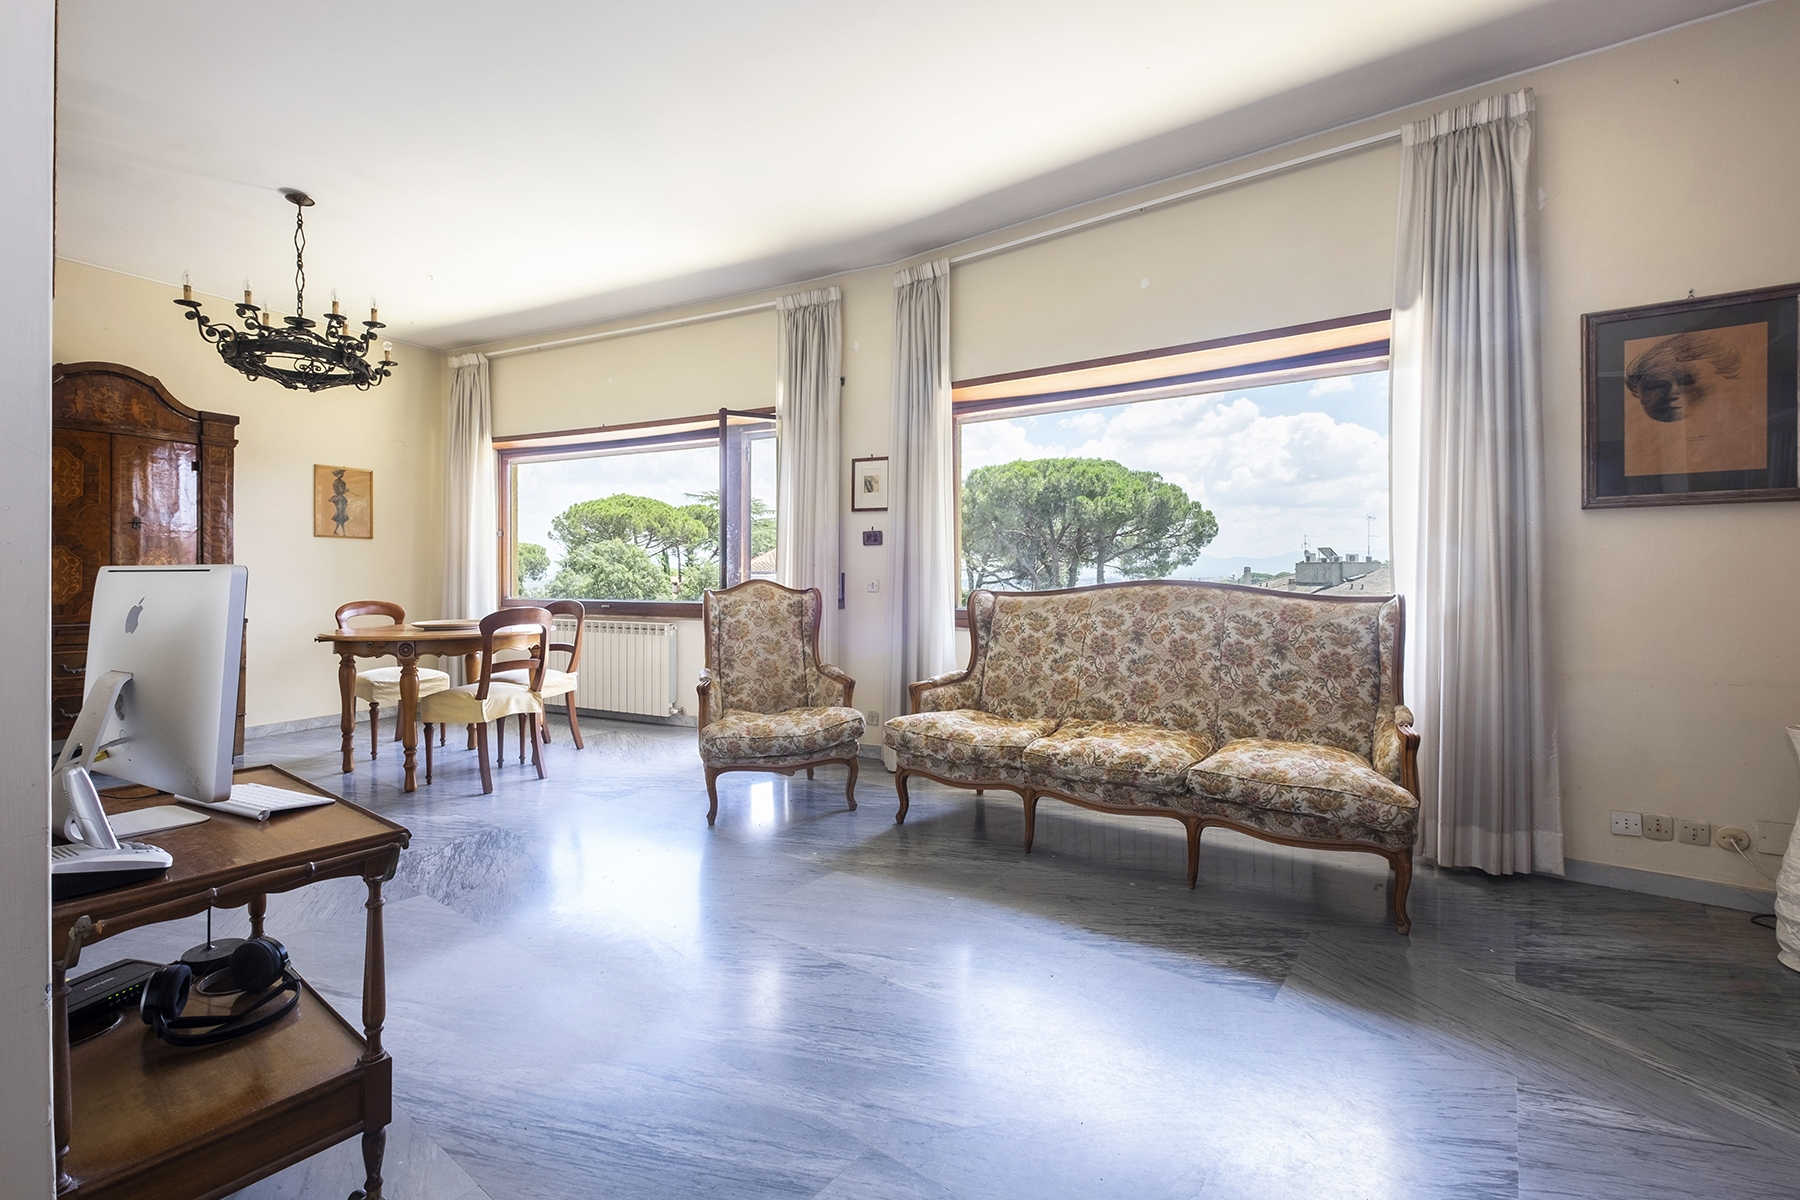 Appartamento di lusso in vendita a roma via viale cortina d 39 ampezzo trovocasa pregio w6407937 - Appartamento in vendita citta giardino roma ...